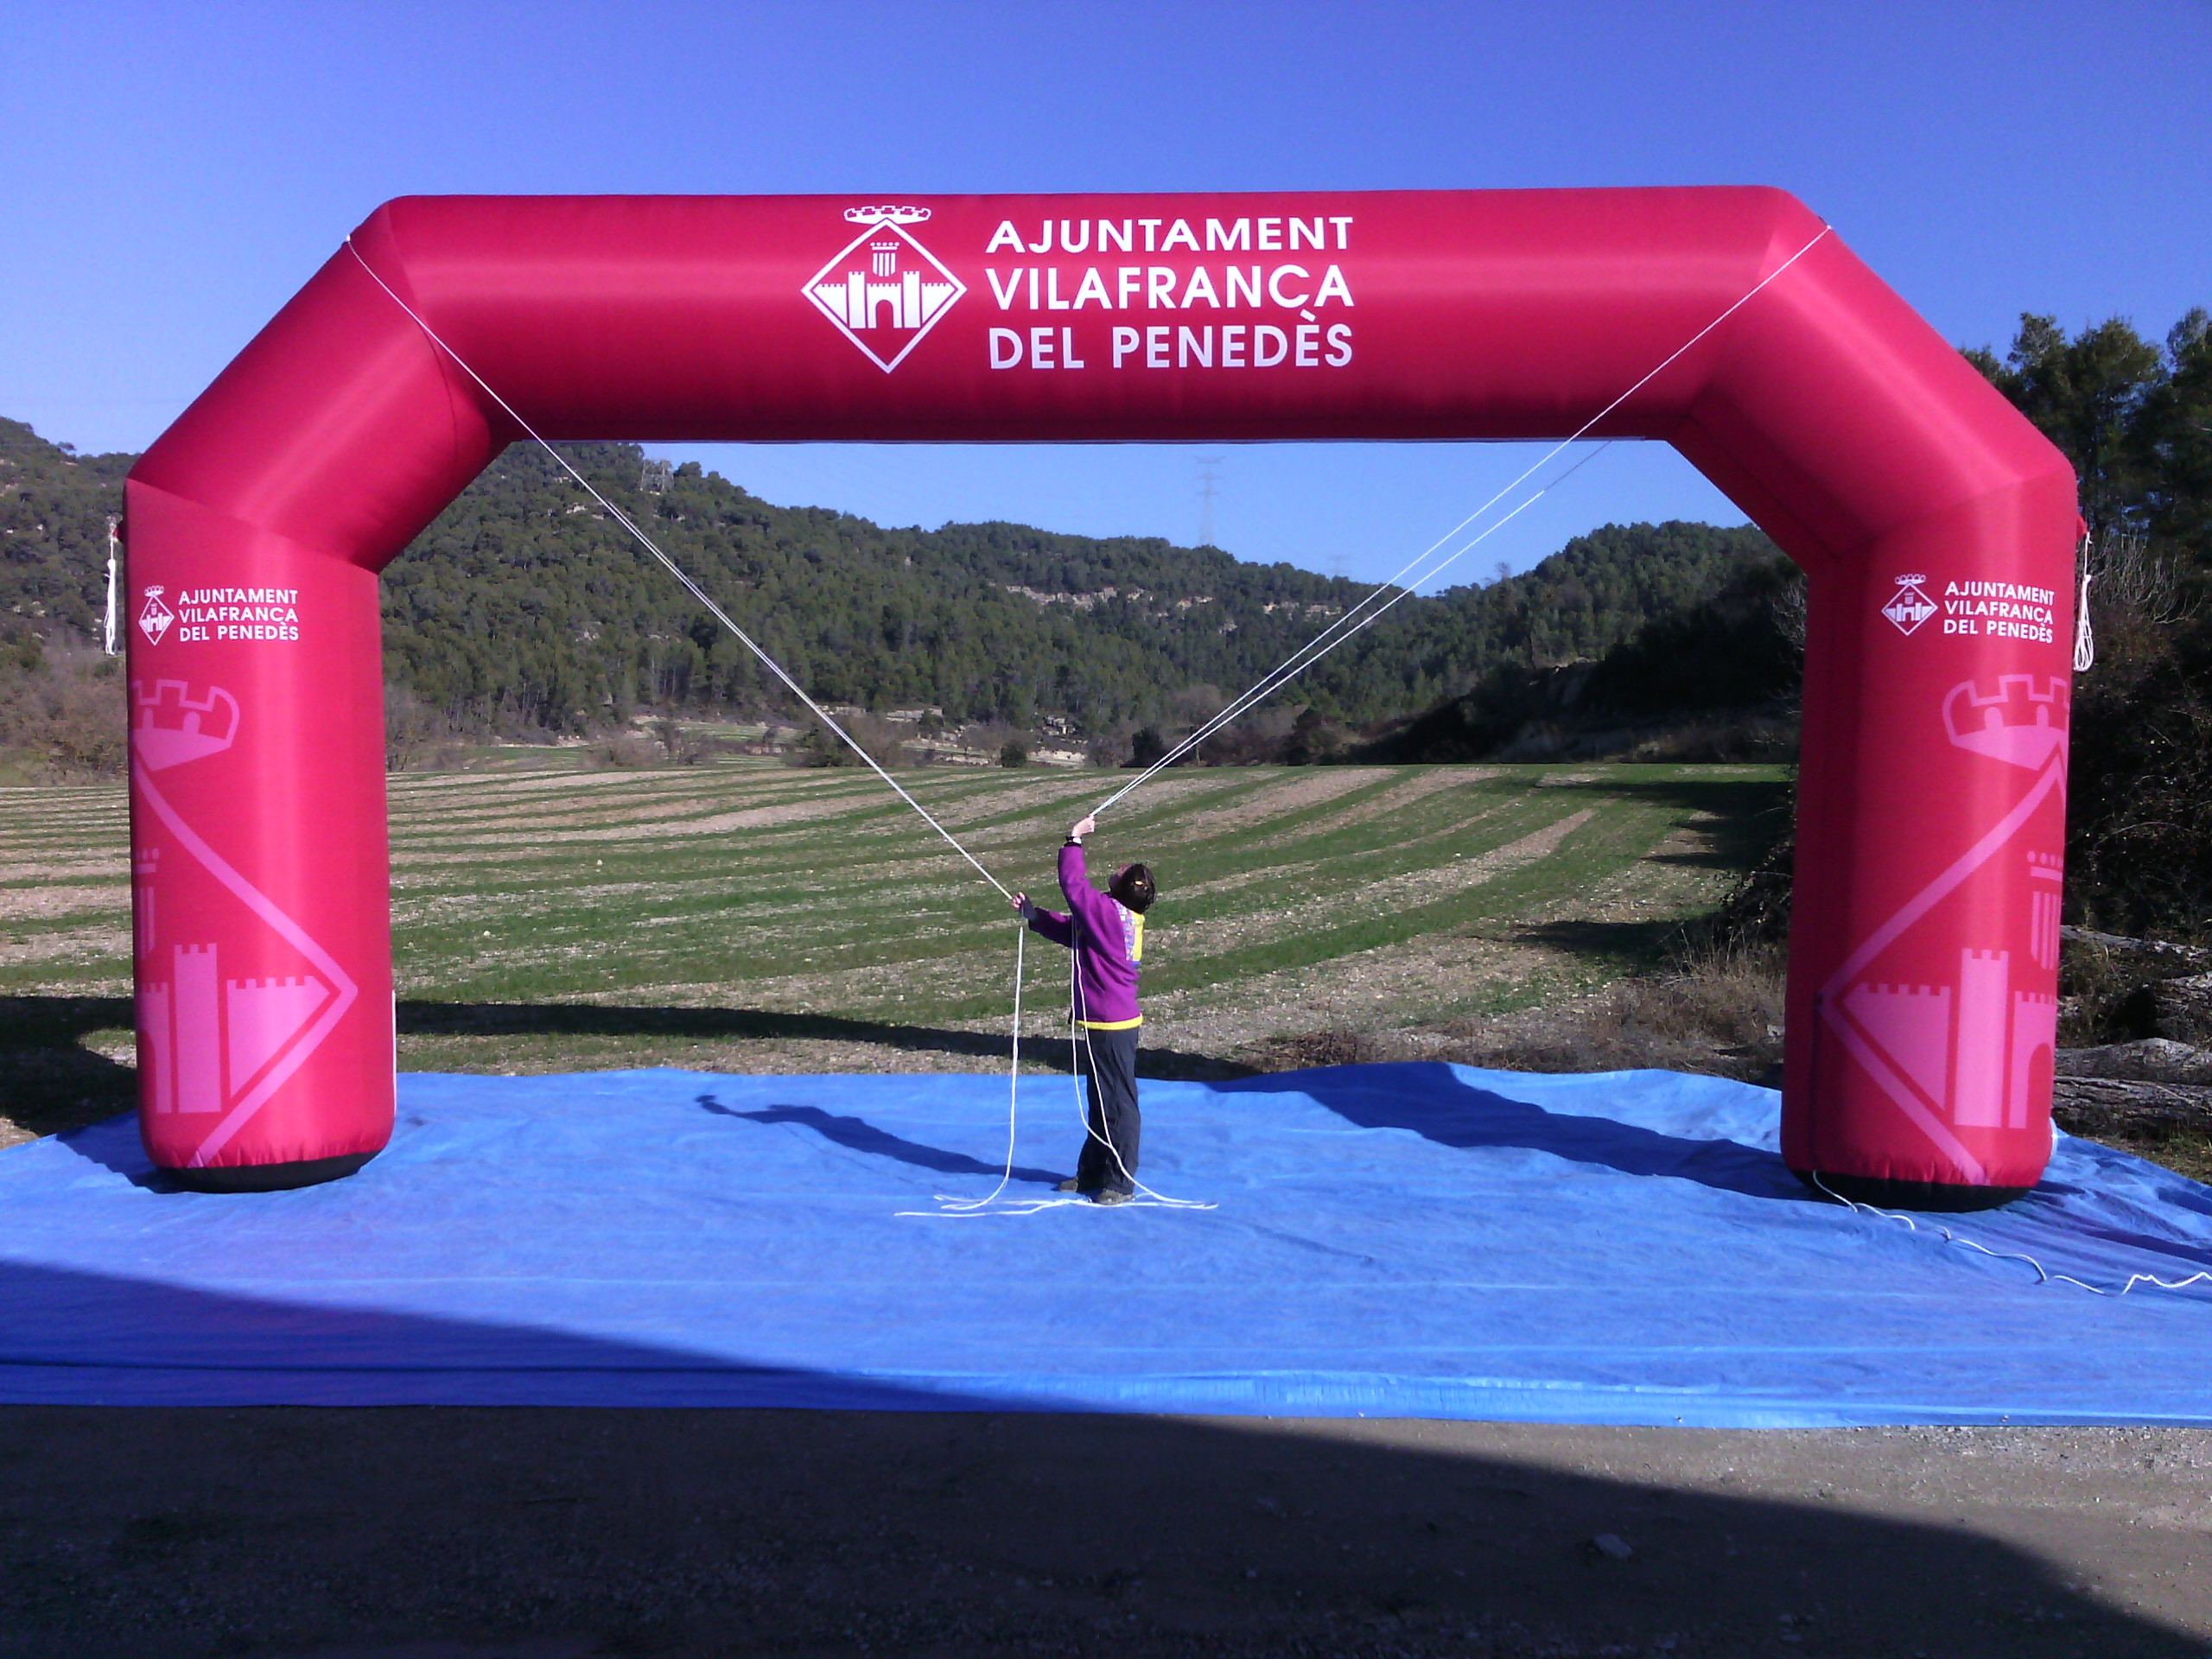 Arco De Meta Hinchable AM2 Vilafranca Del Penedes  1